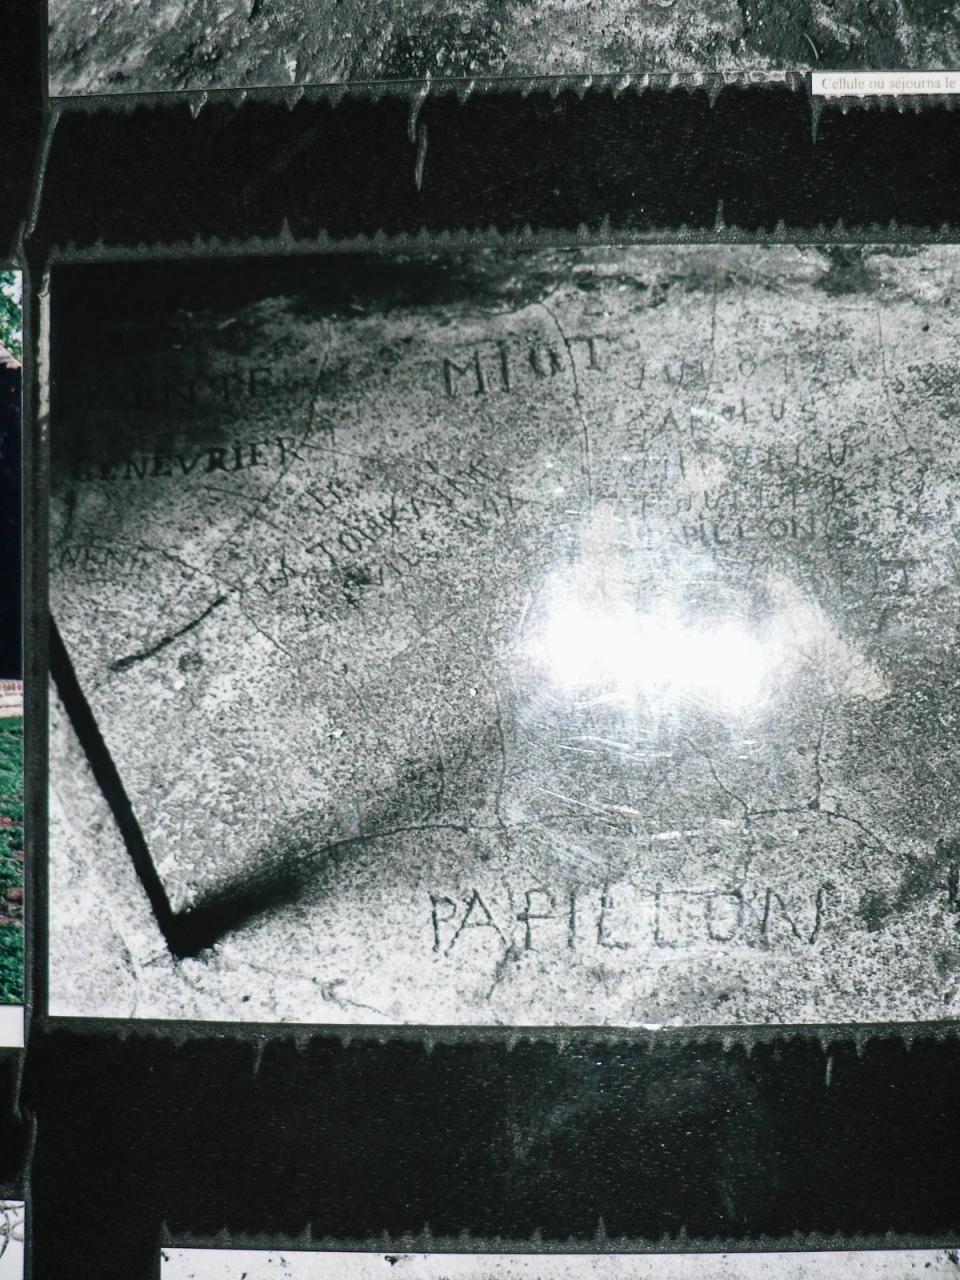 中南米の旅・思い出のアルバム フランス領ギアナのサンローラン・ ド・マロニー